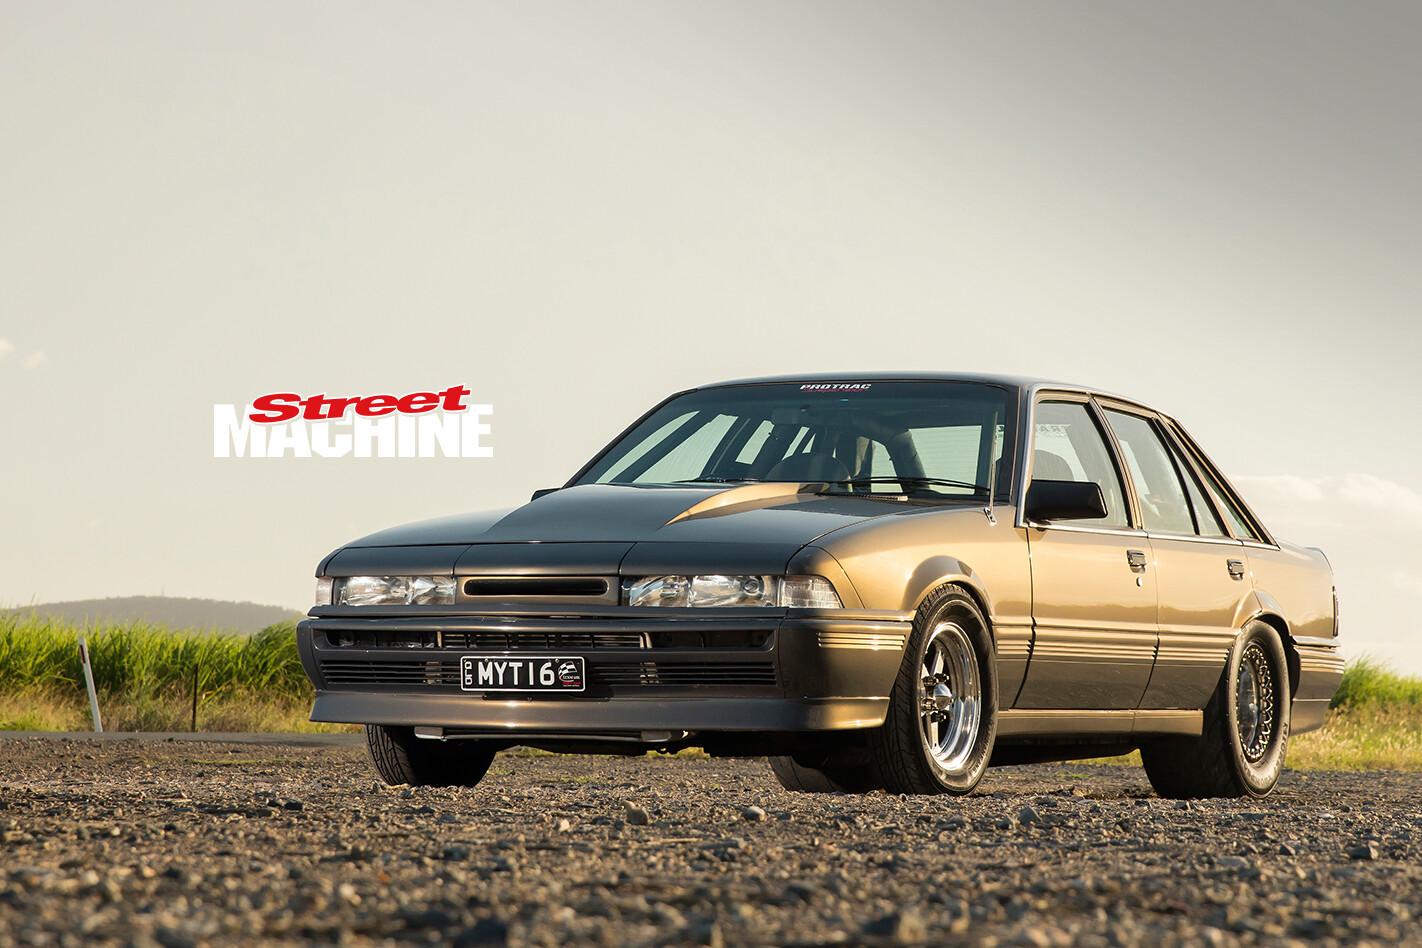 VL Commodore Turbo LS 5